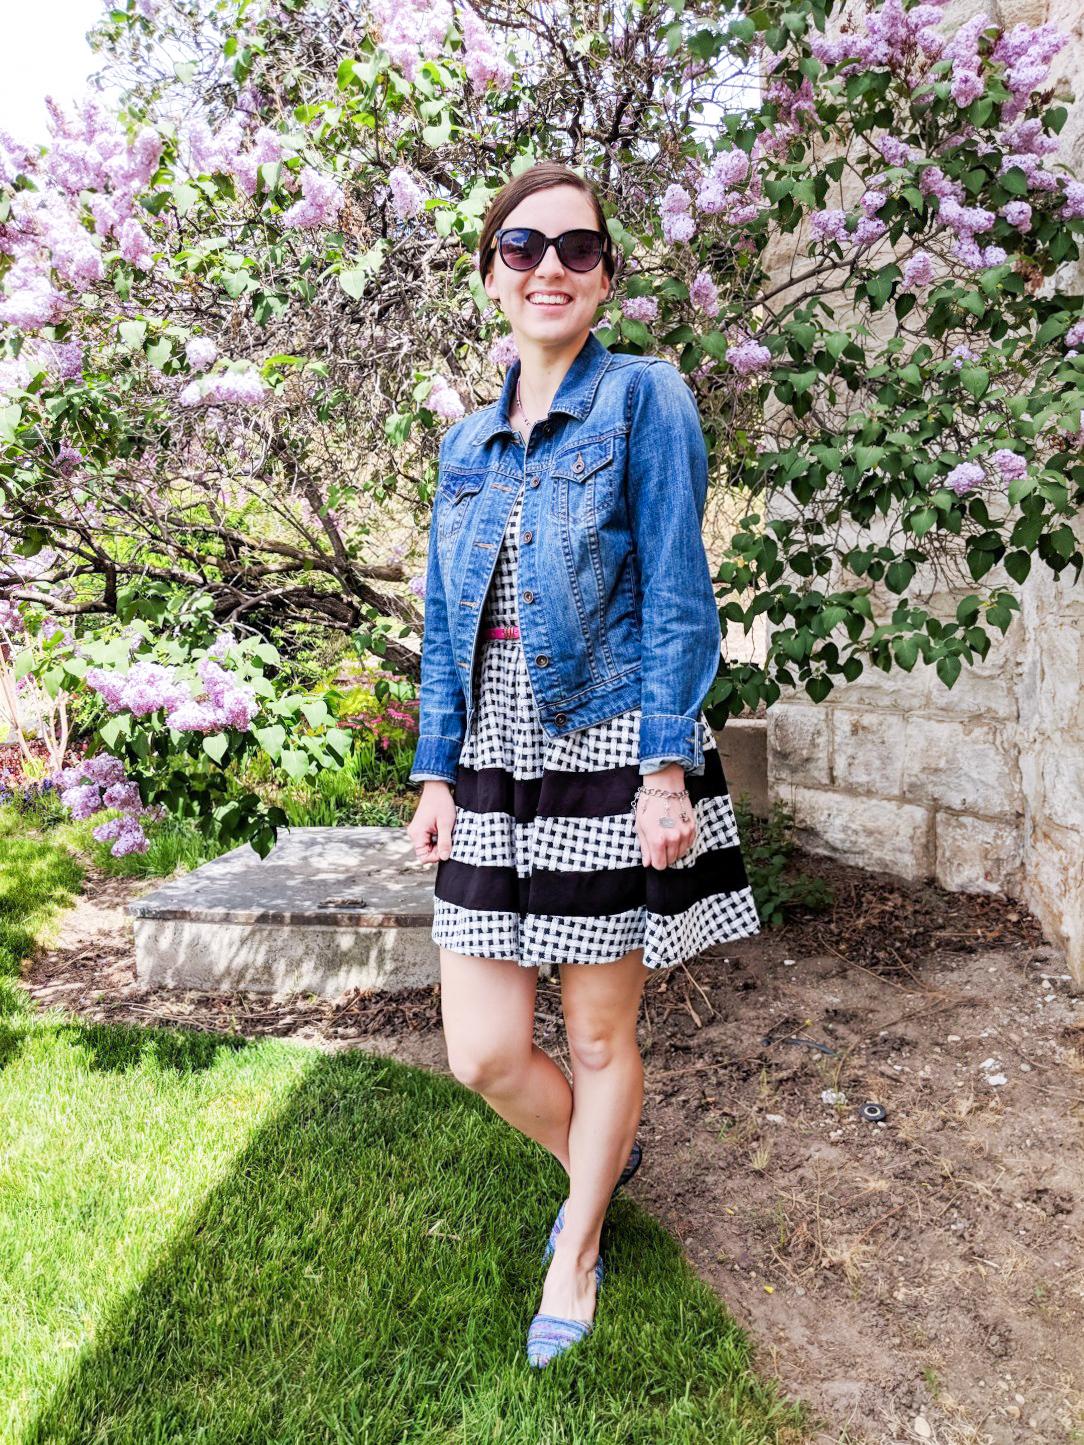 gingham dress, jean jacket, denim flats, spring outfit, Easter dress